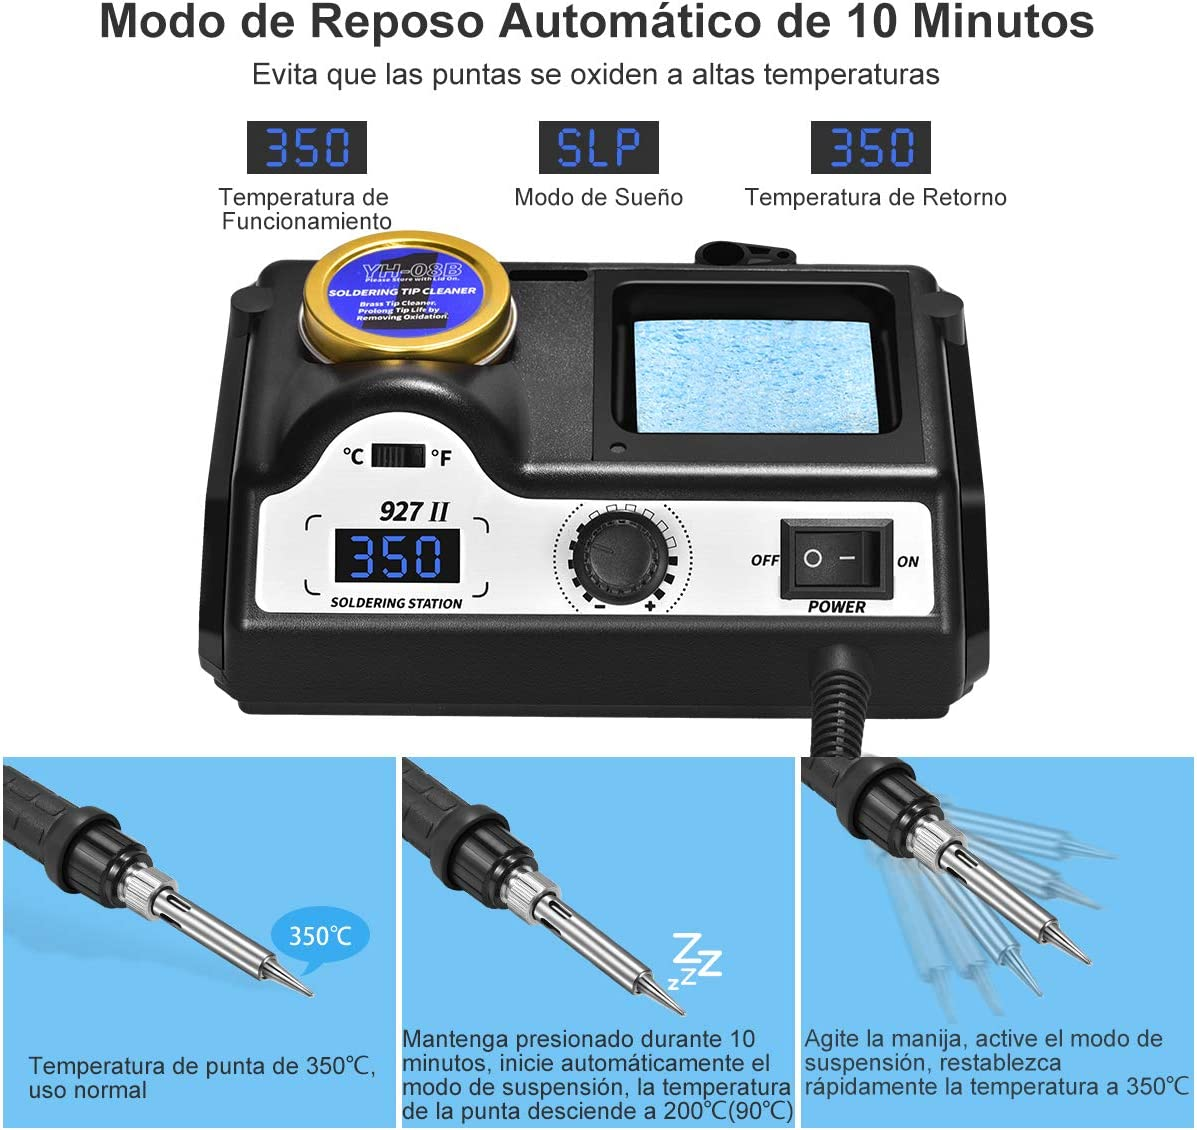 Estación de Soldadura,Preciva 60W 90-480℃ Kit del Soldador Eléctrico Profesional con Pantalla Led digital,5 PCS Punta soldador, 0.8 mm Alambre de soldadura sin plomo: Amazon.es: Bricolaje y herramientas